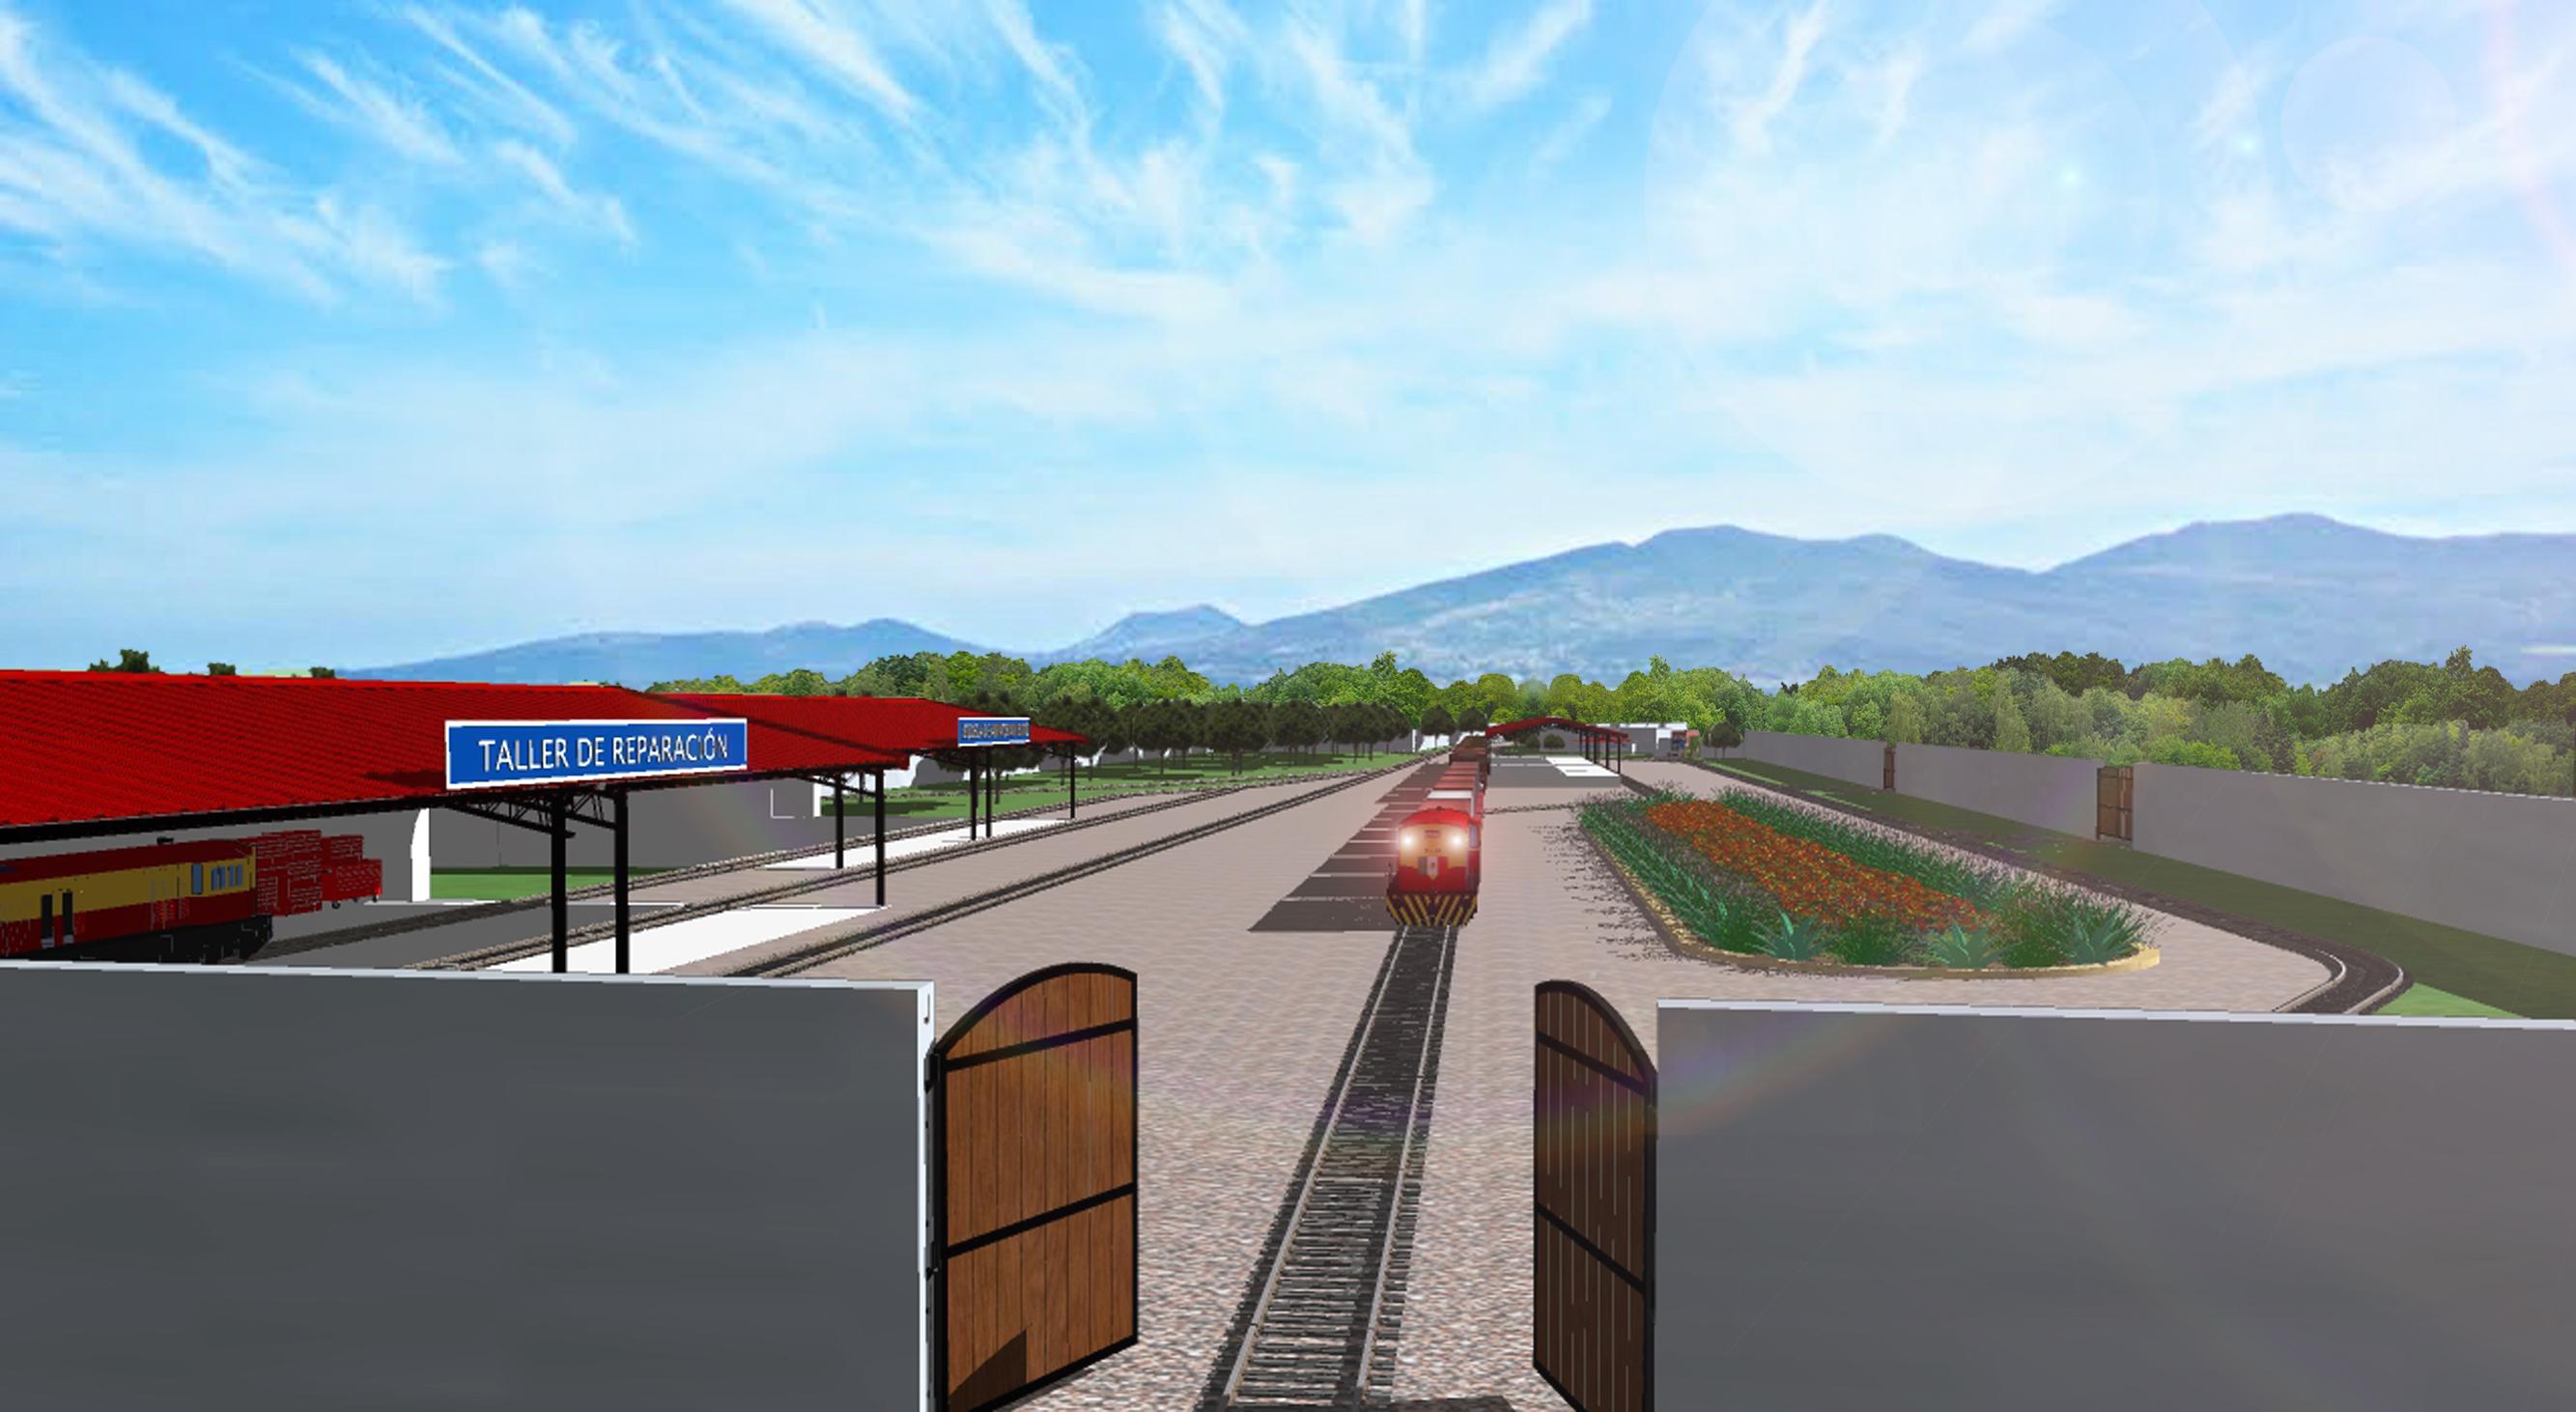 Este año podría entrar en operación el tren de México hacia Guatemala en un sistema multimodal, según informaron ayer las autoridades. (Foto Prensa Libre: Anadie)